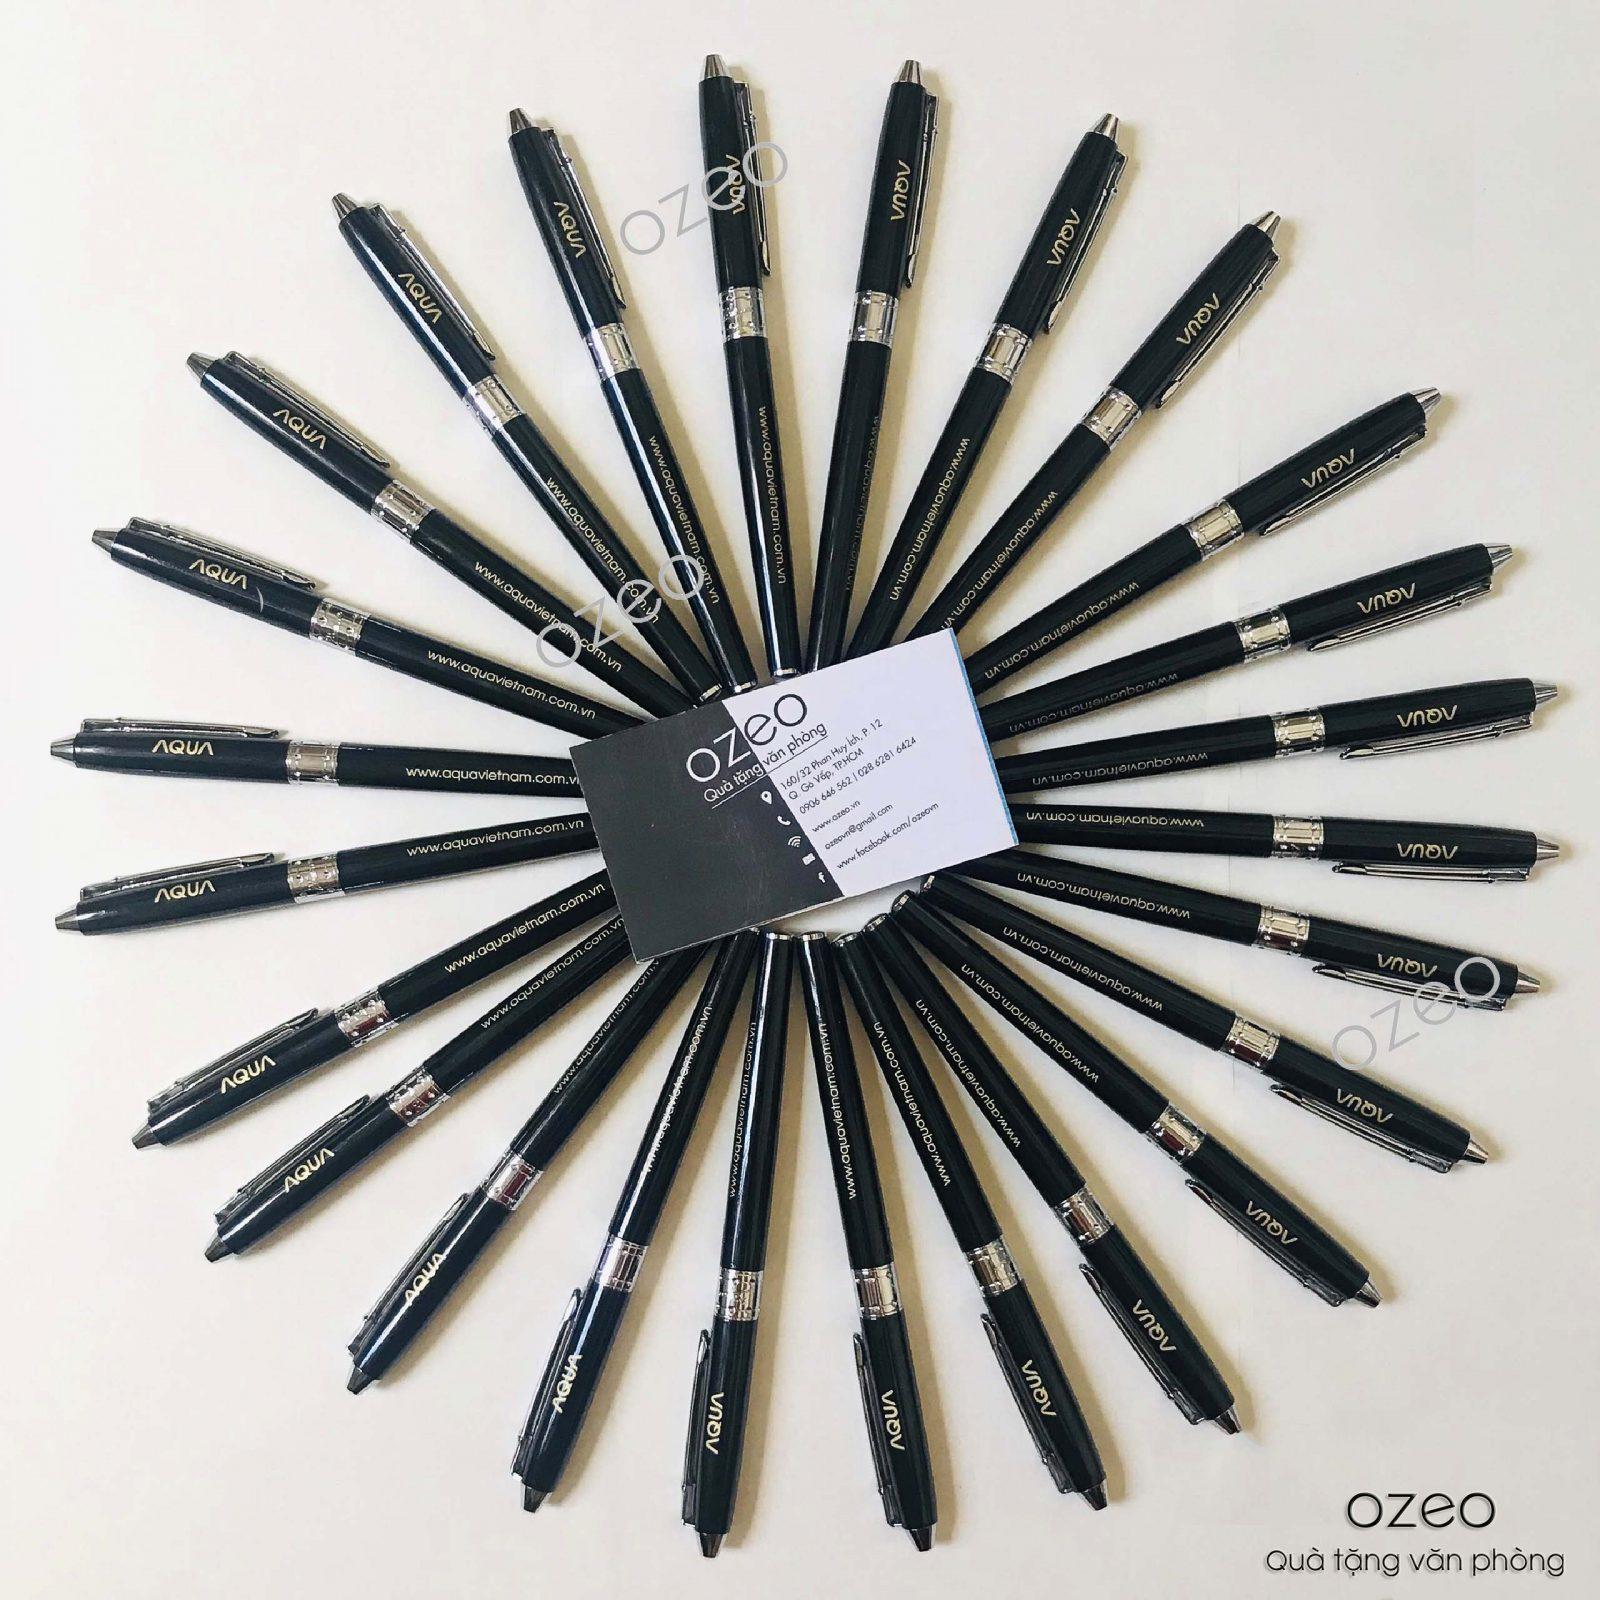 Bút ký cao cấp Picasso 701 - giá 250.000đ